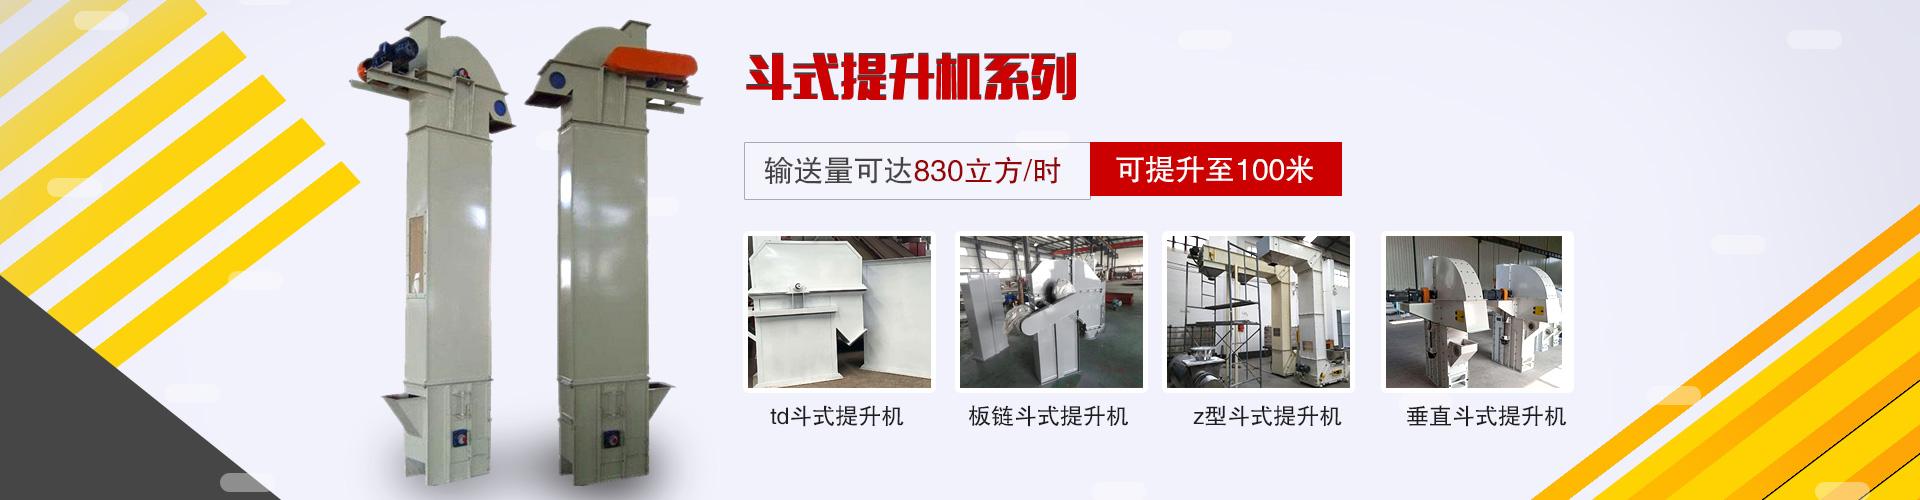 大汉机械斗式提升机系列